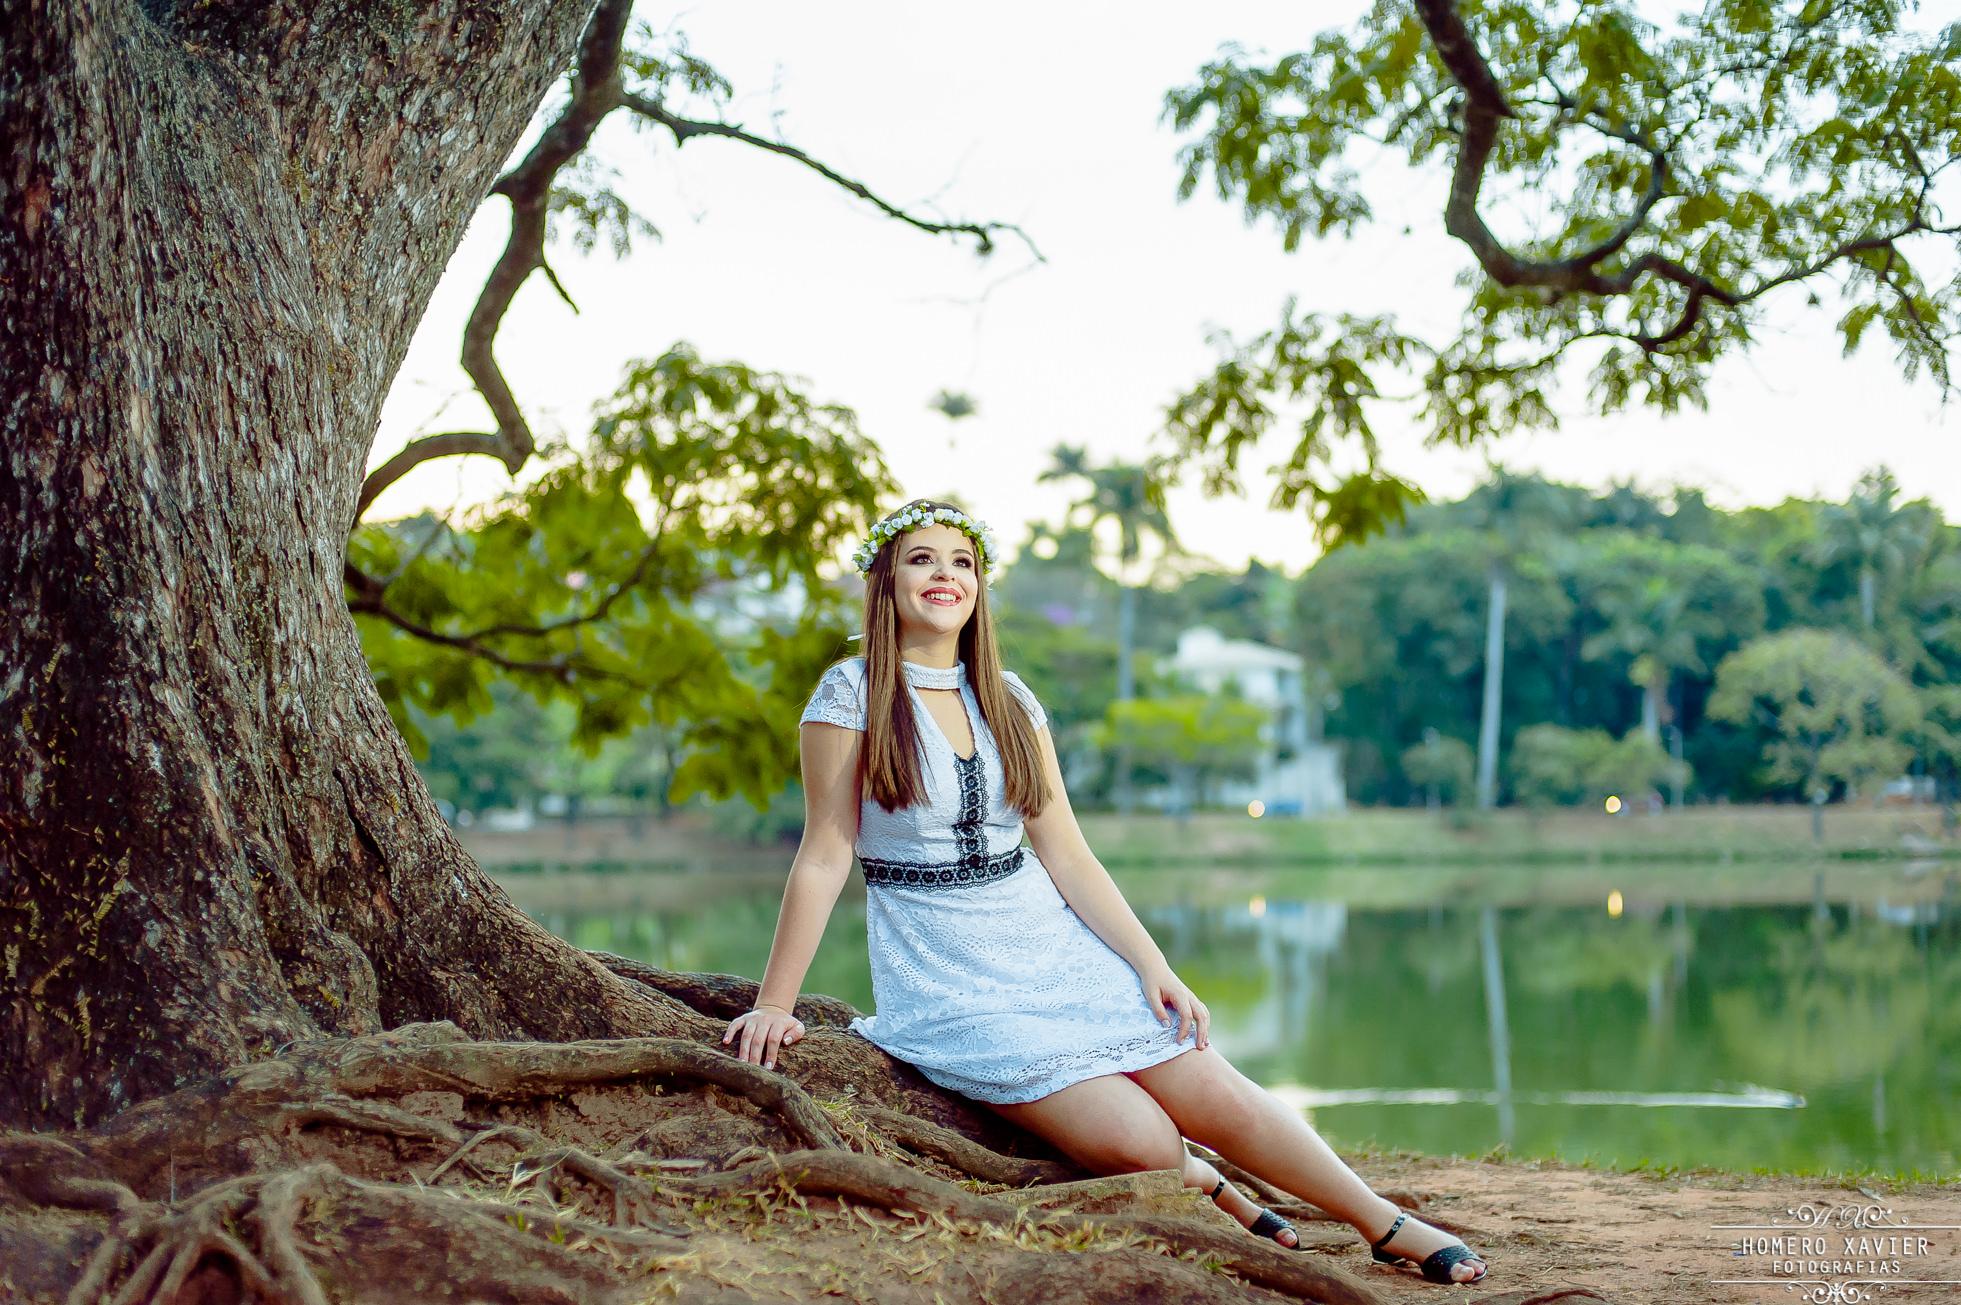 fotografia book 15 anos debutante Pampulha BH